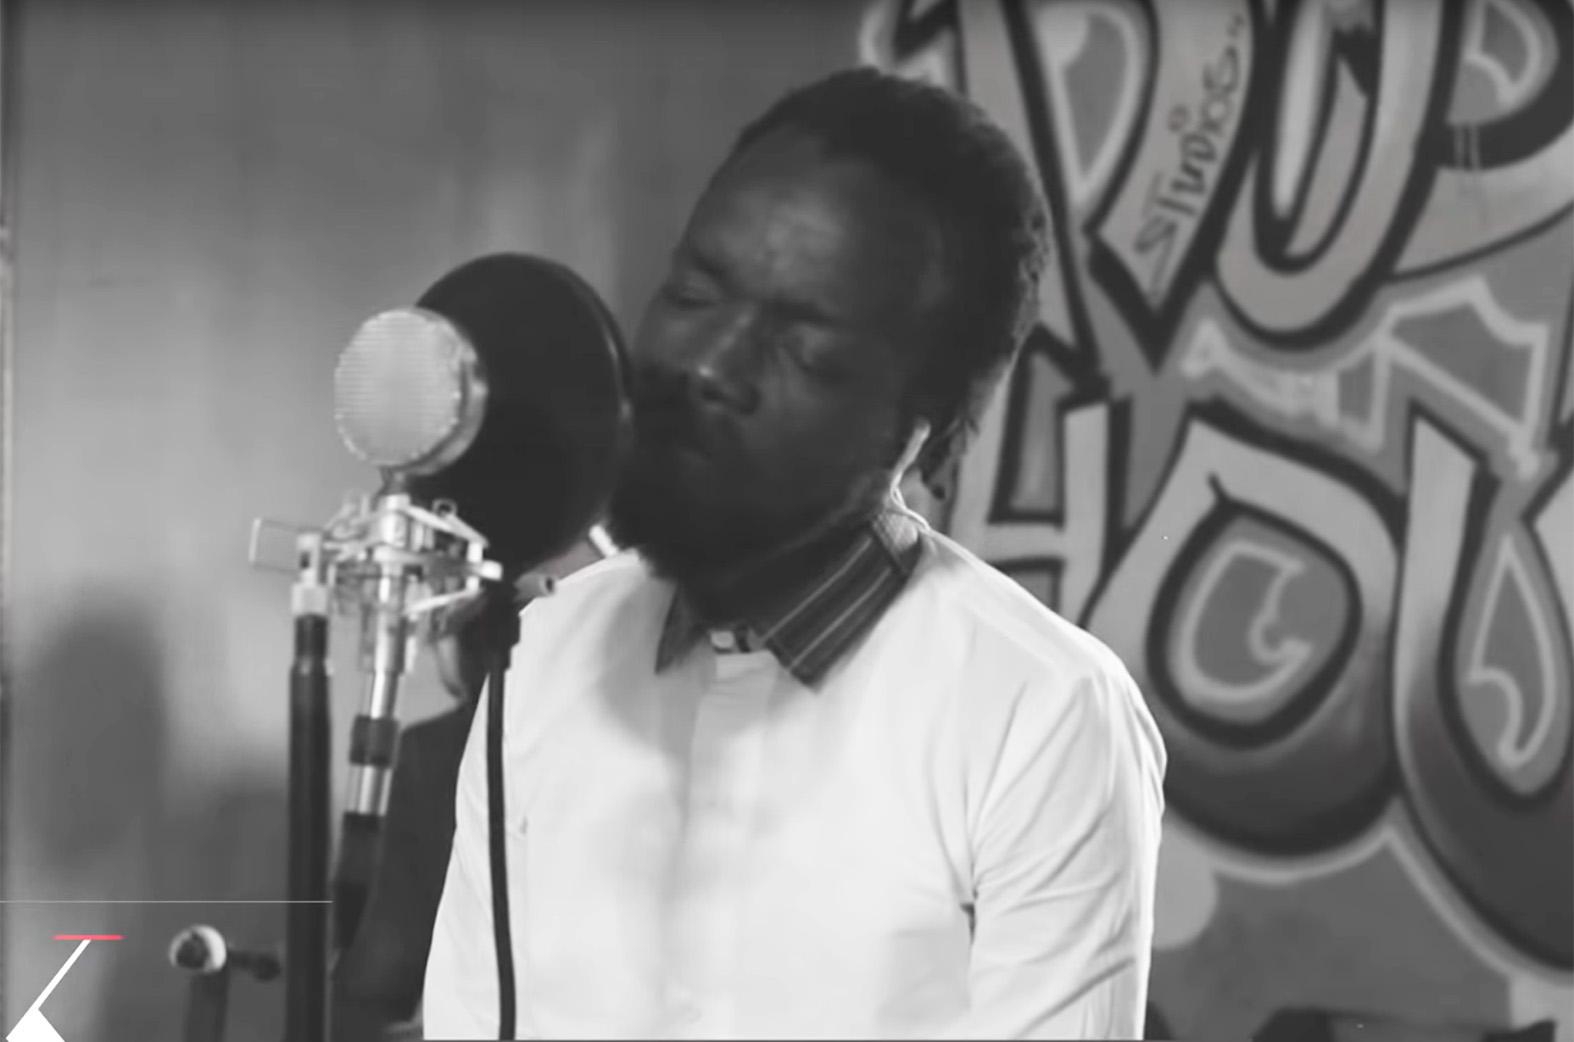 Video: Love Unfair (Acoustic Video) by Akwaboah